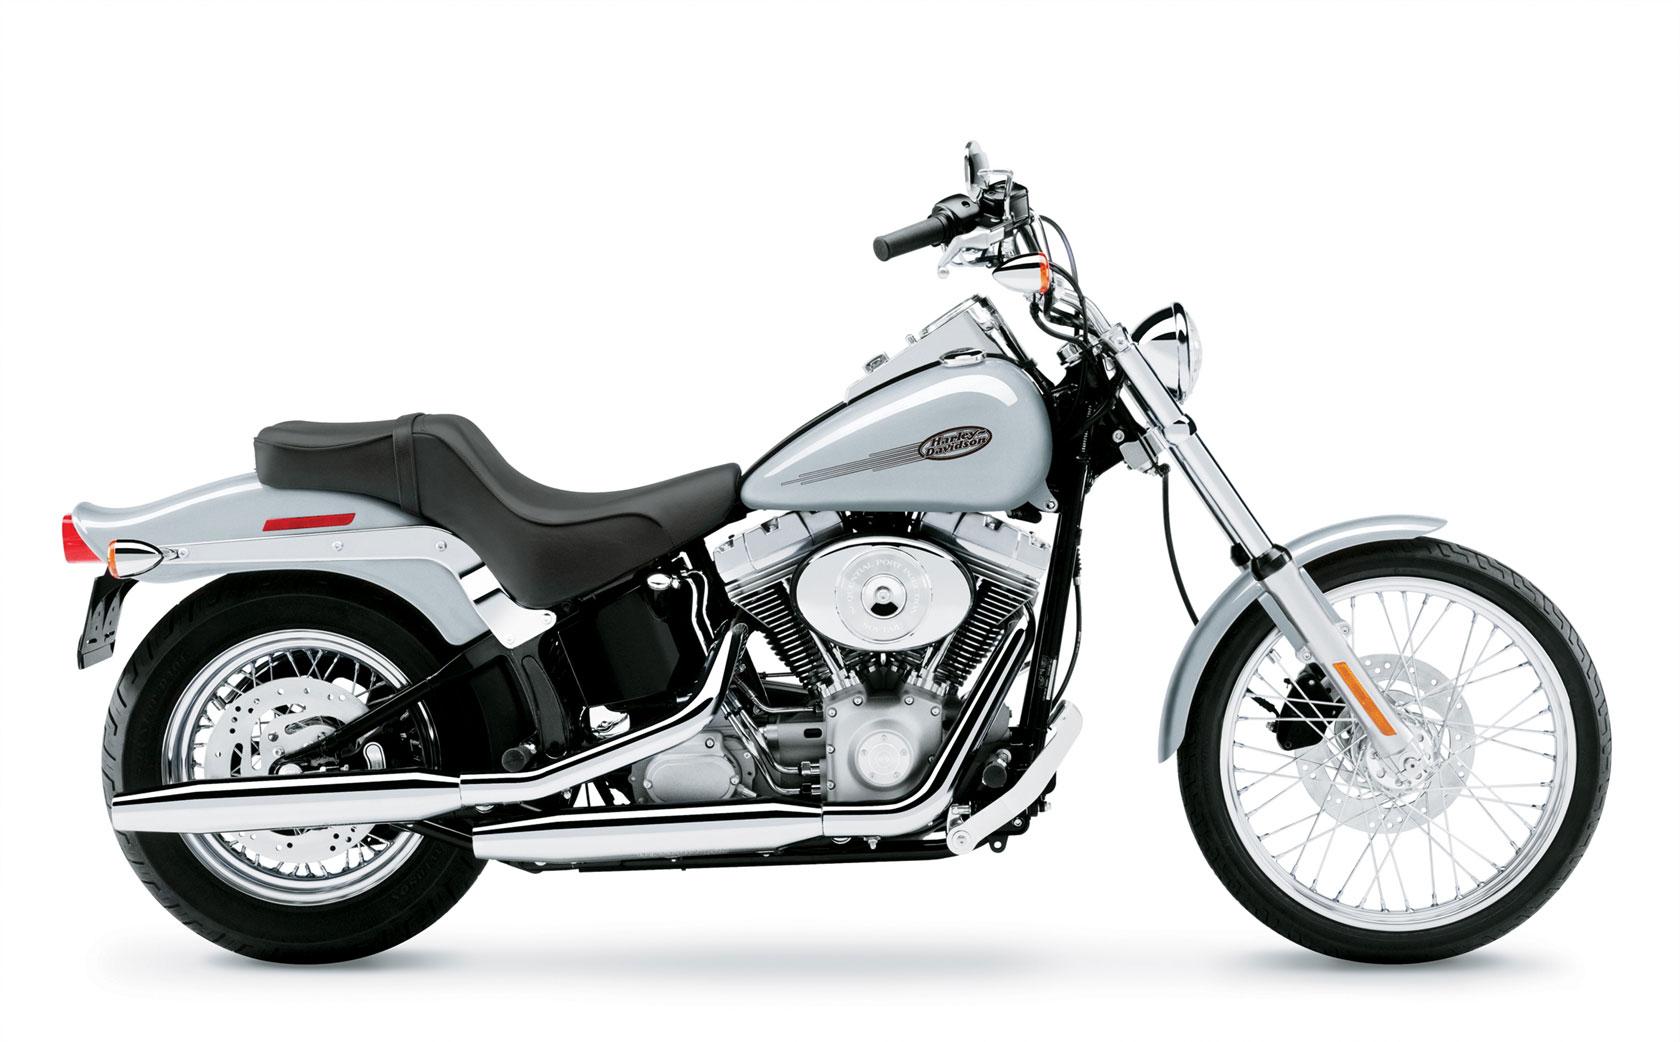 Harley Davidson Softail Fxst Specs